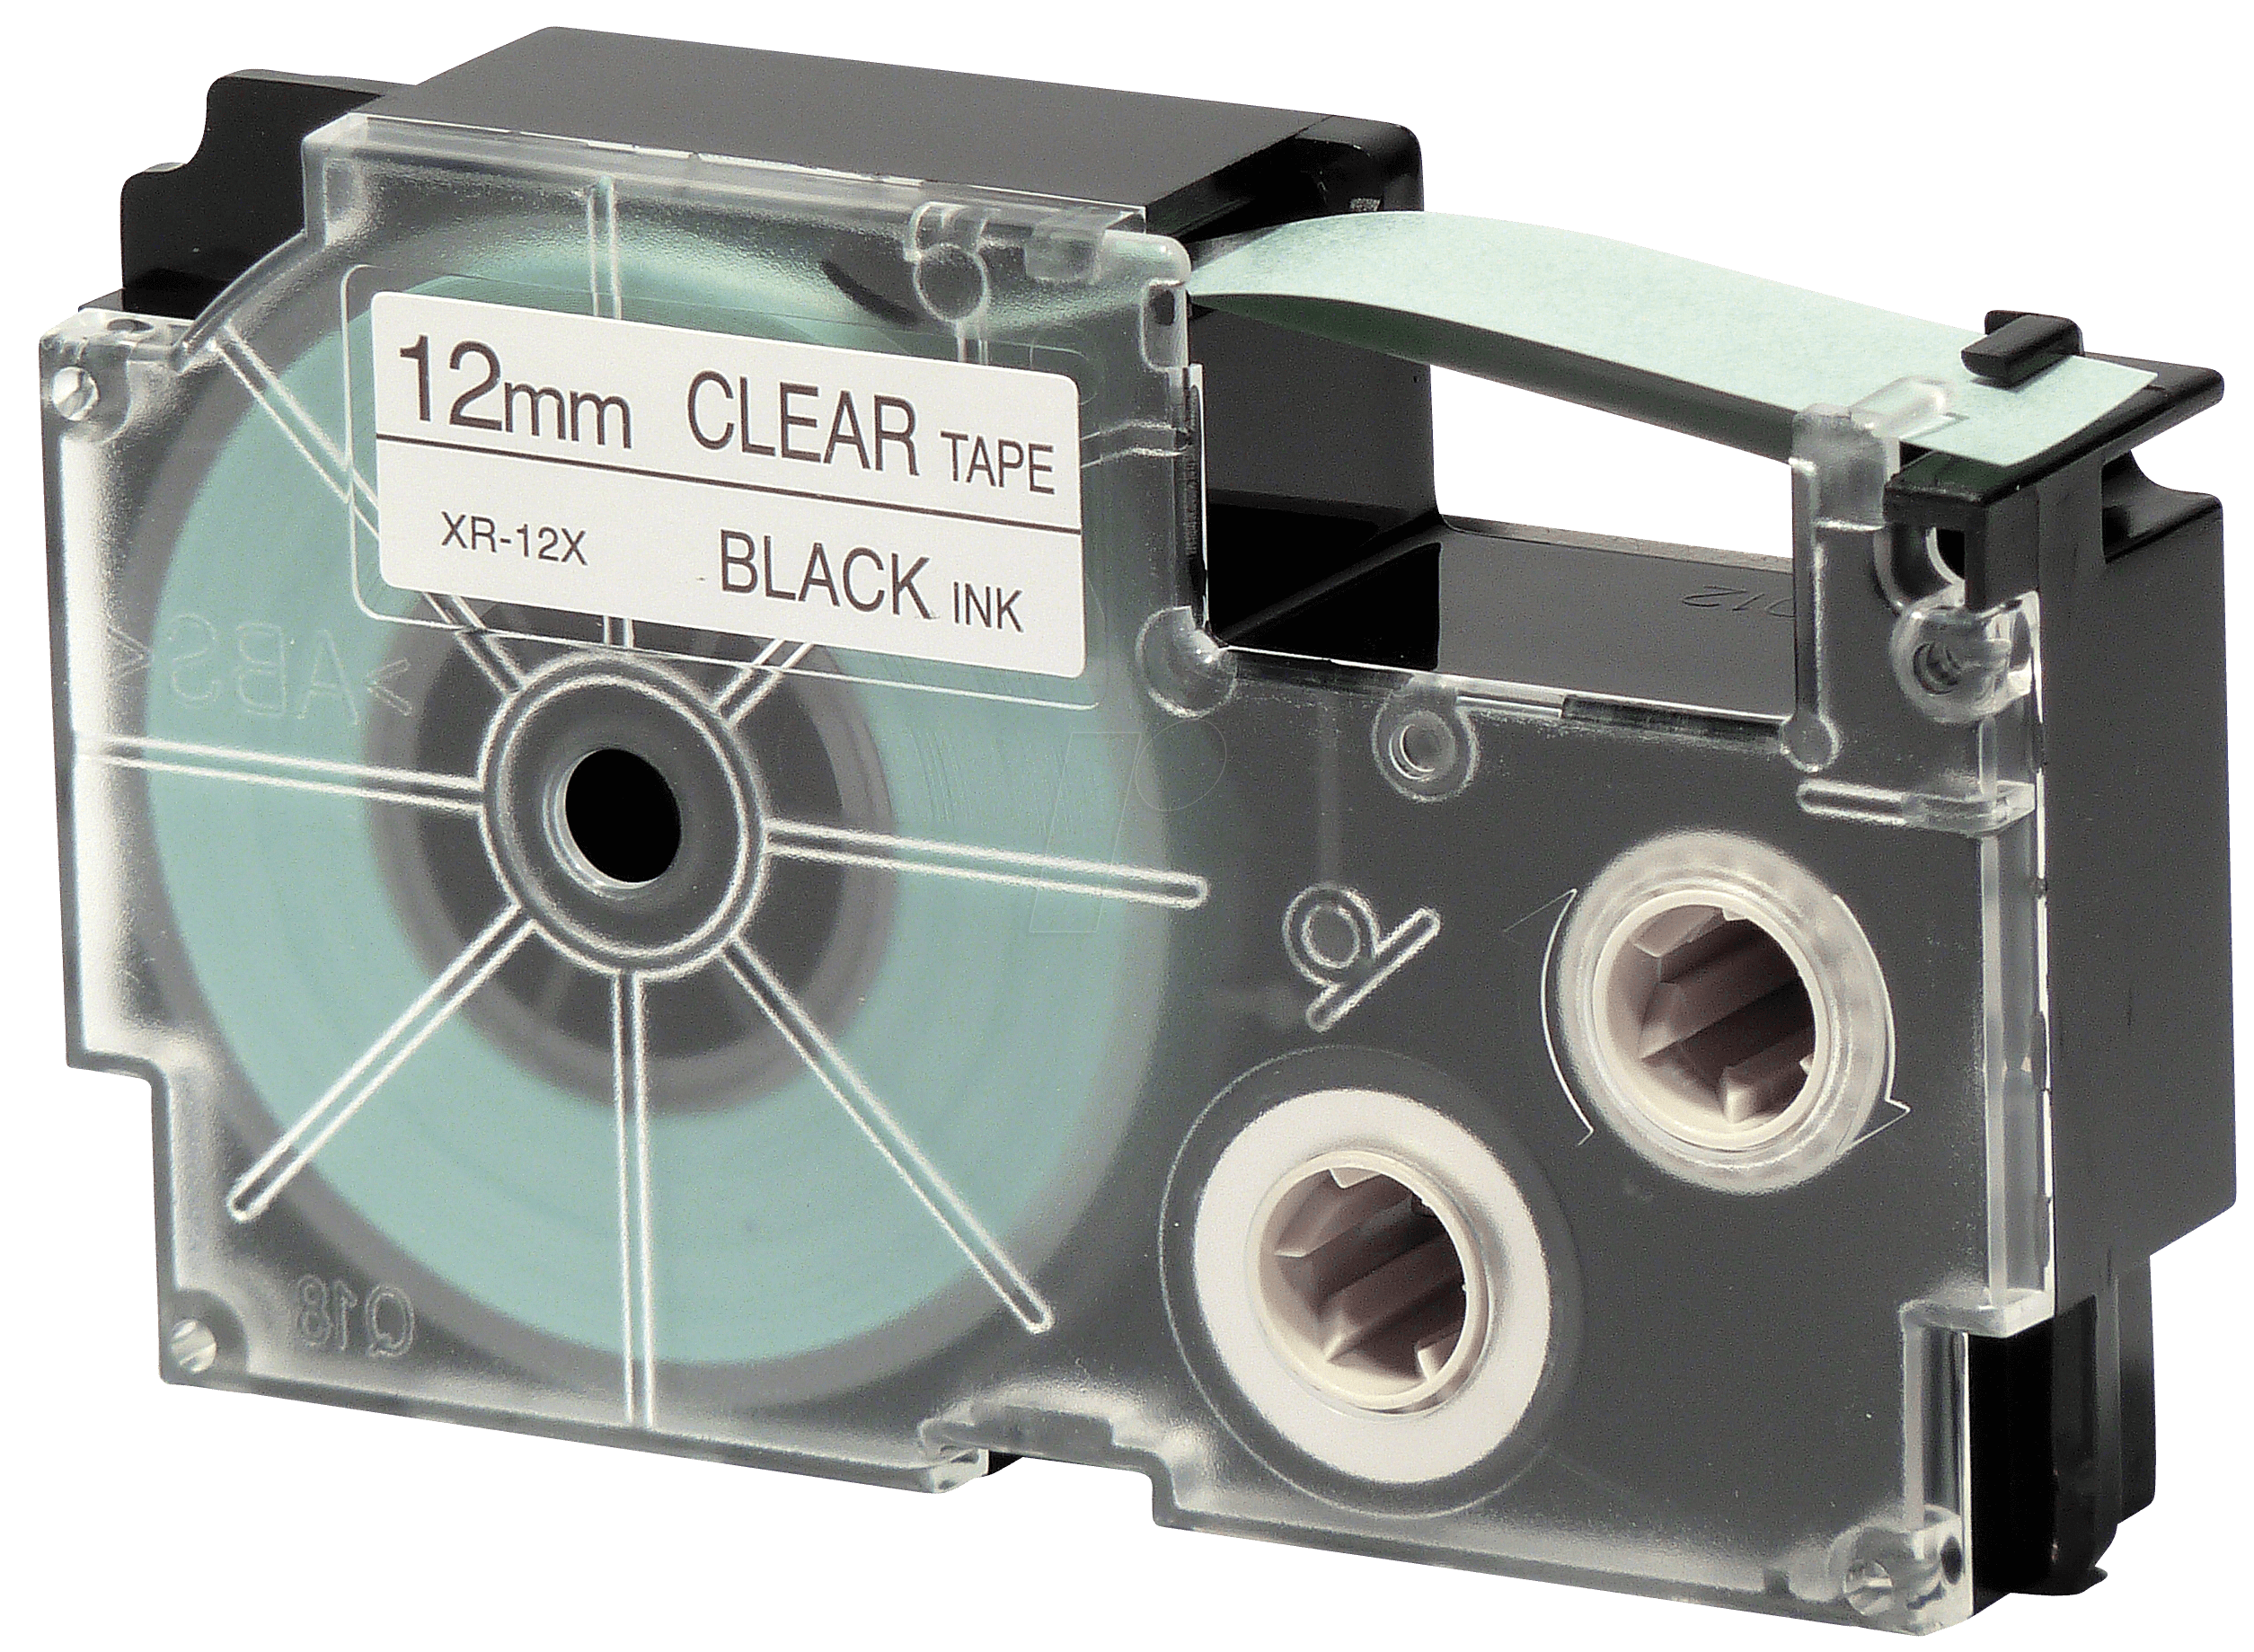 https://cdn-reichelt.de/bilder/web/xxl_ws/F100/CAS_XR-12X1CLEAR_BLACK.png